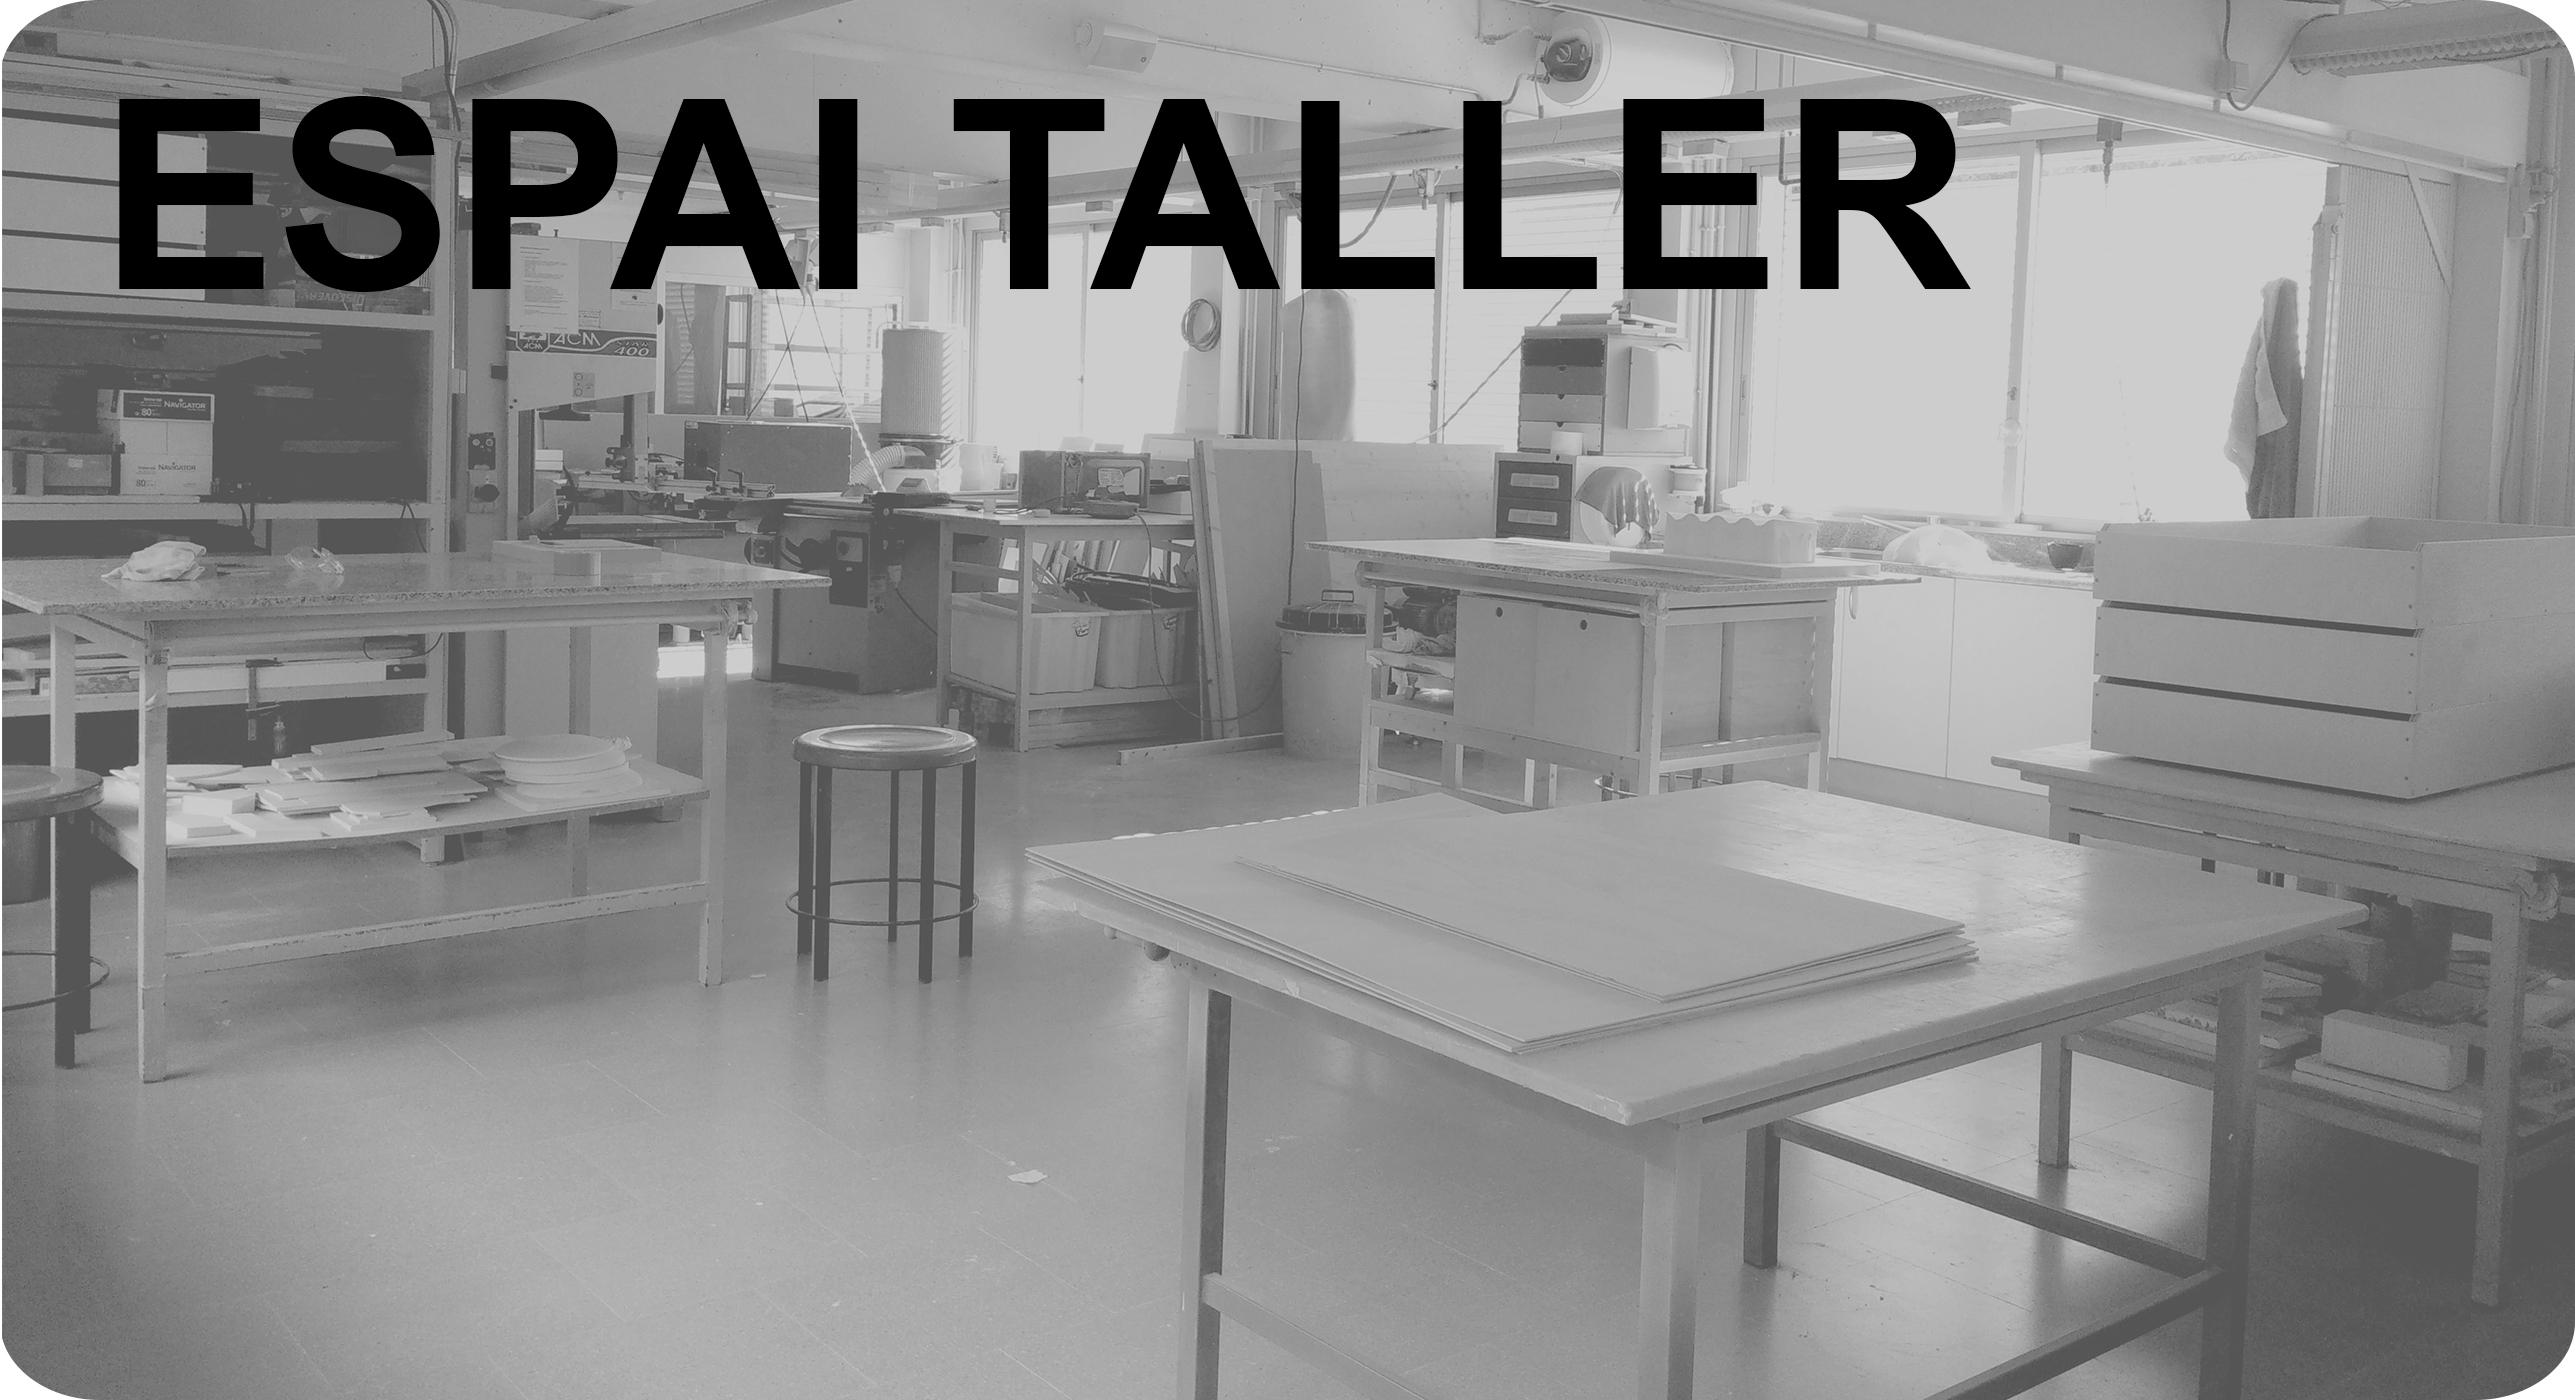 BN_ESPAI_TALLER.jpg